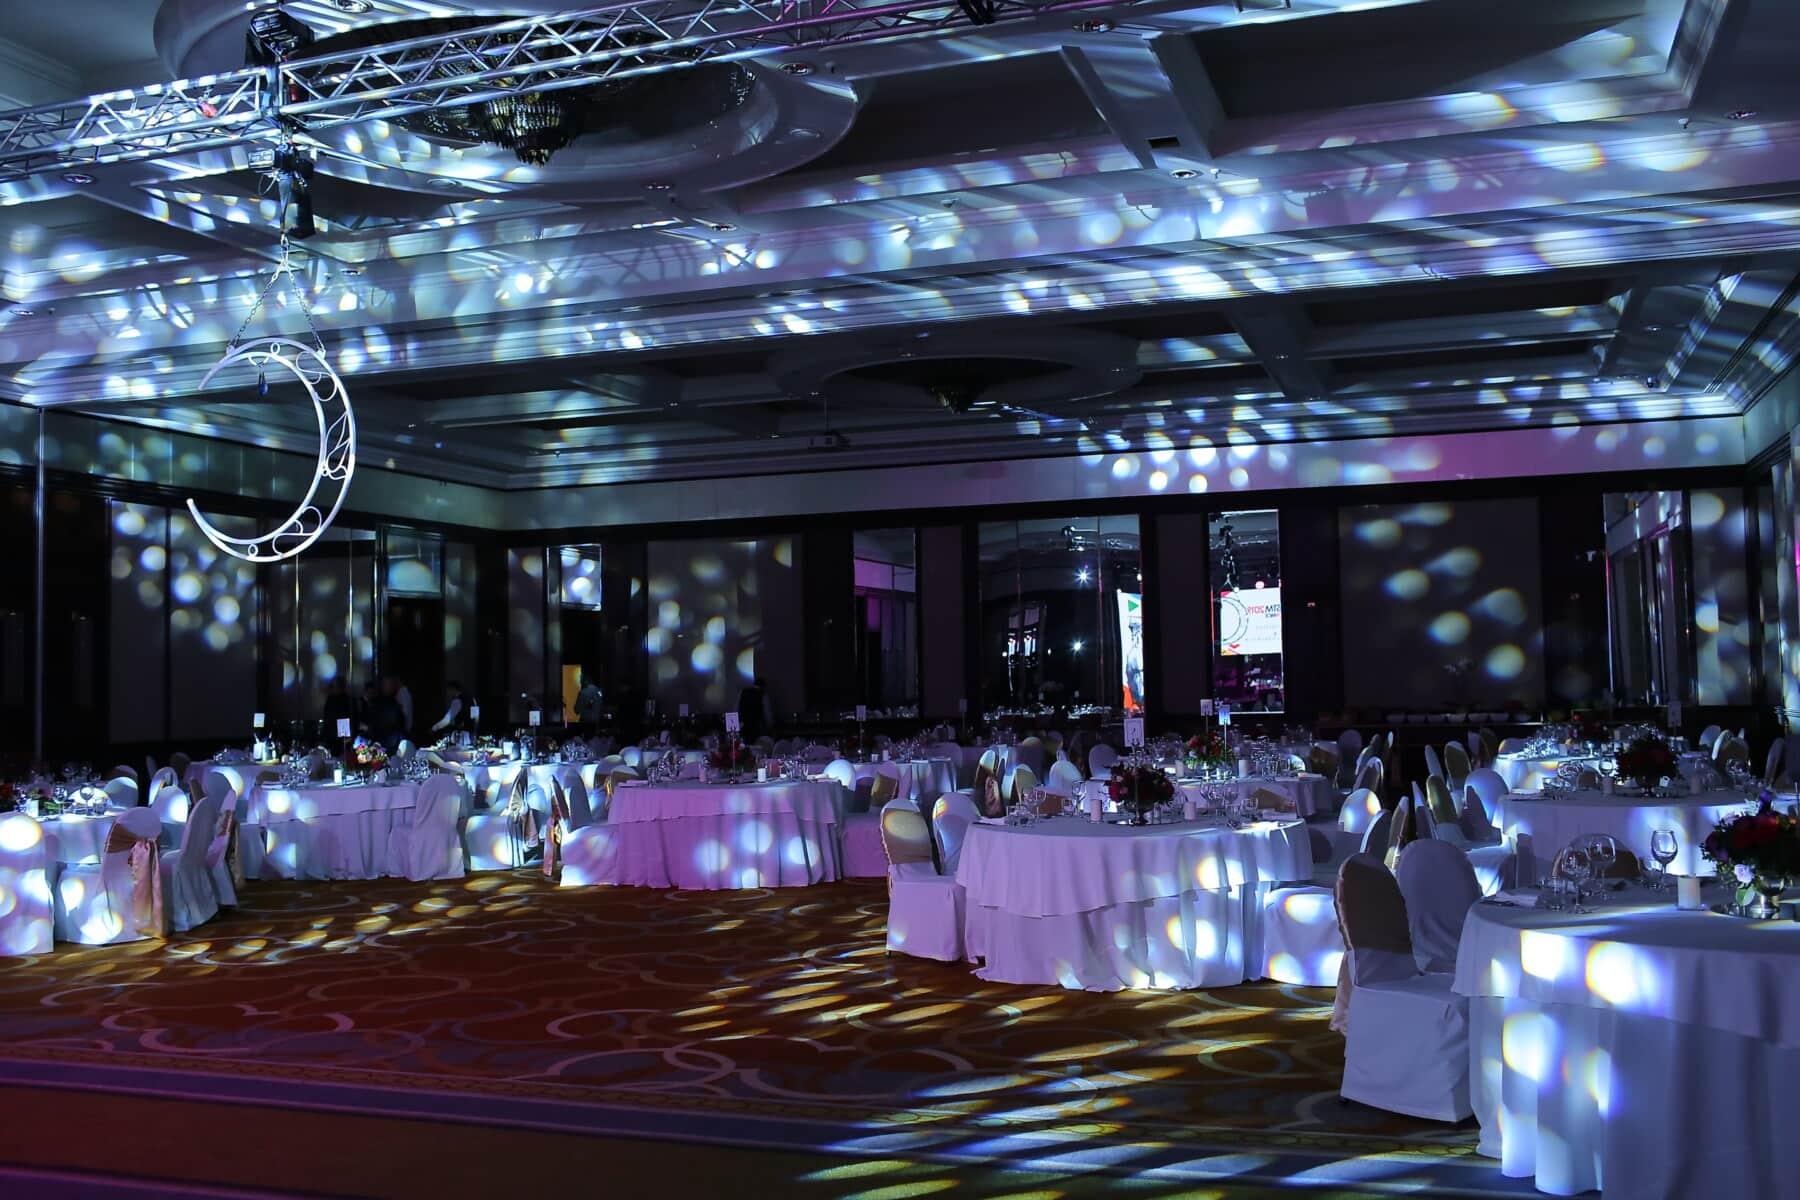 Hotel, Nachtclub, Lust auf, leere, Spotlight, Luxus, Esstisch, Halle, Licht, drinnen